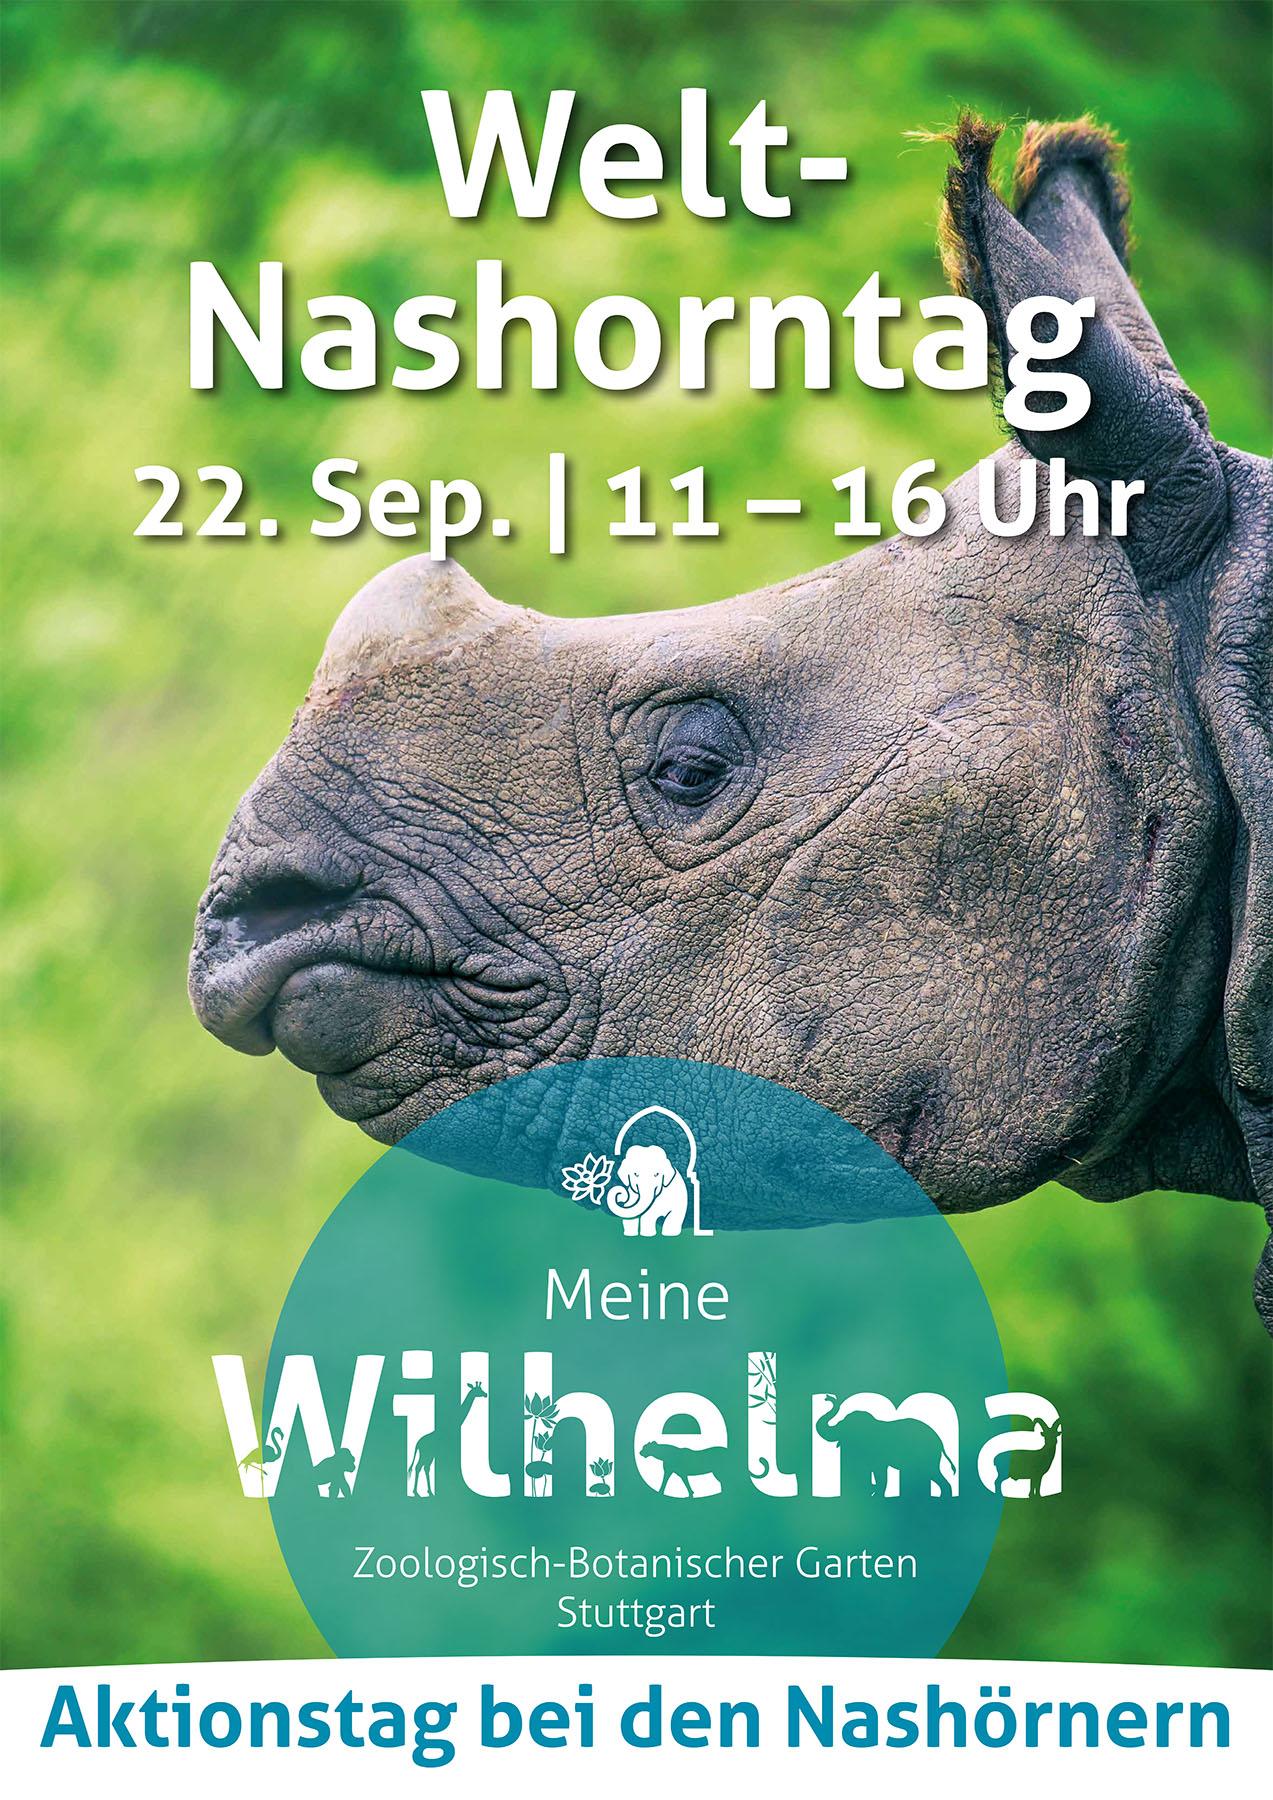 Aktionstag bei den Nashörnern